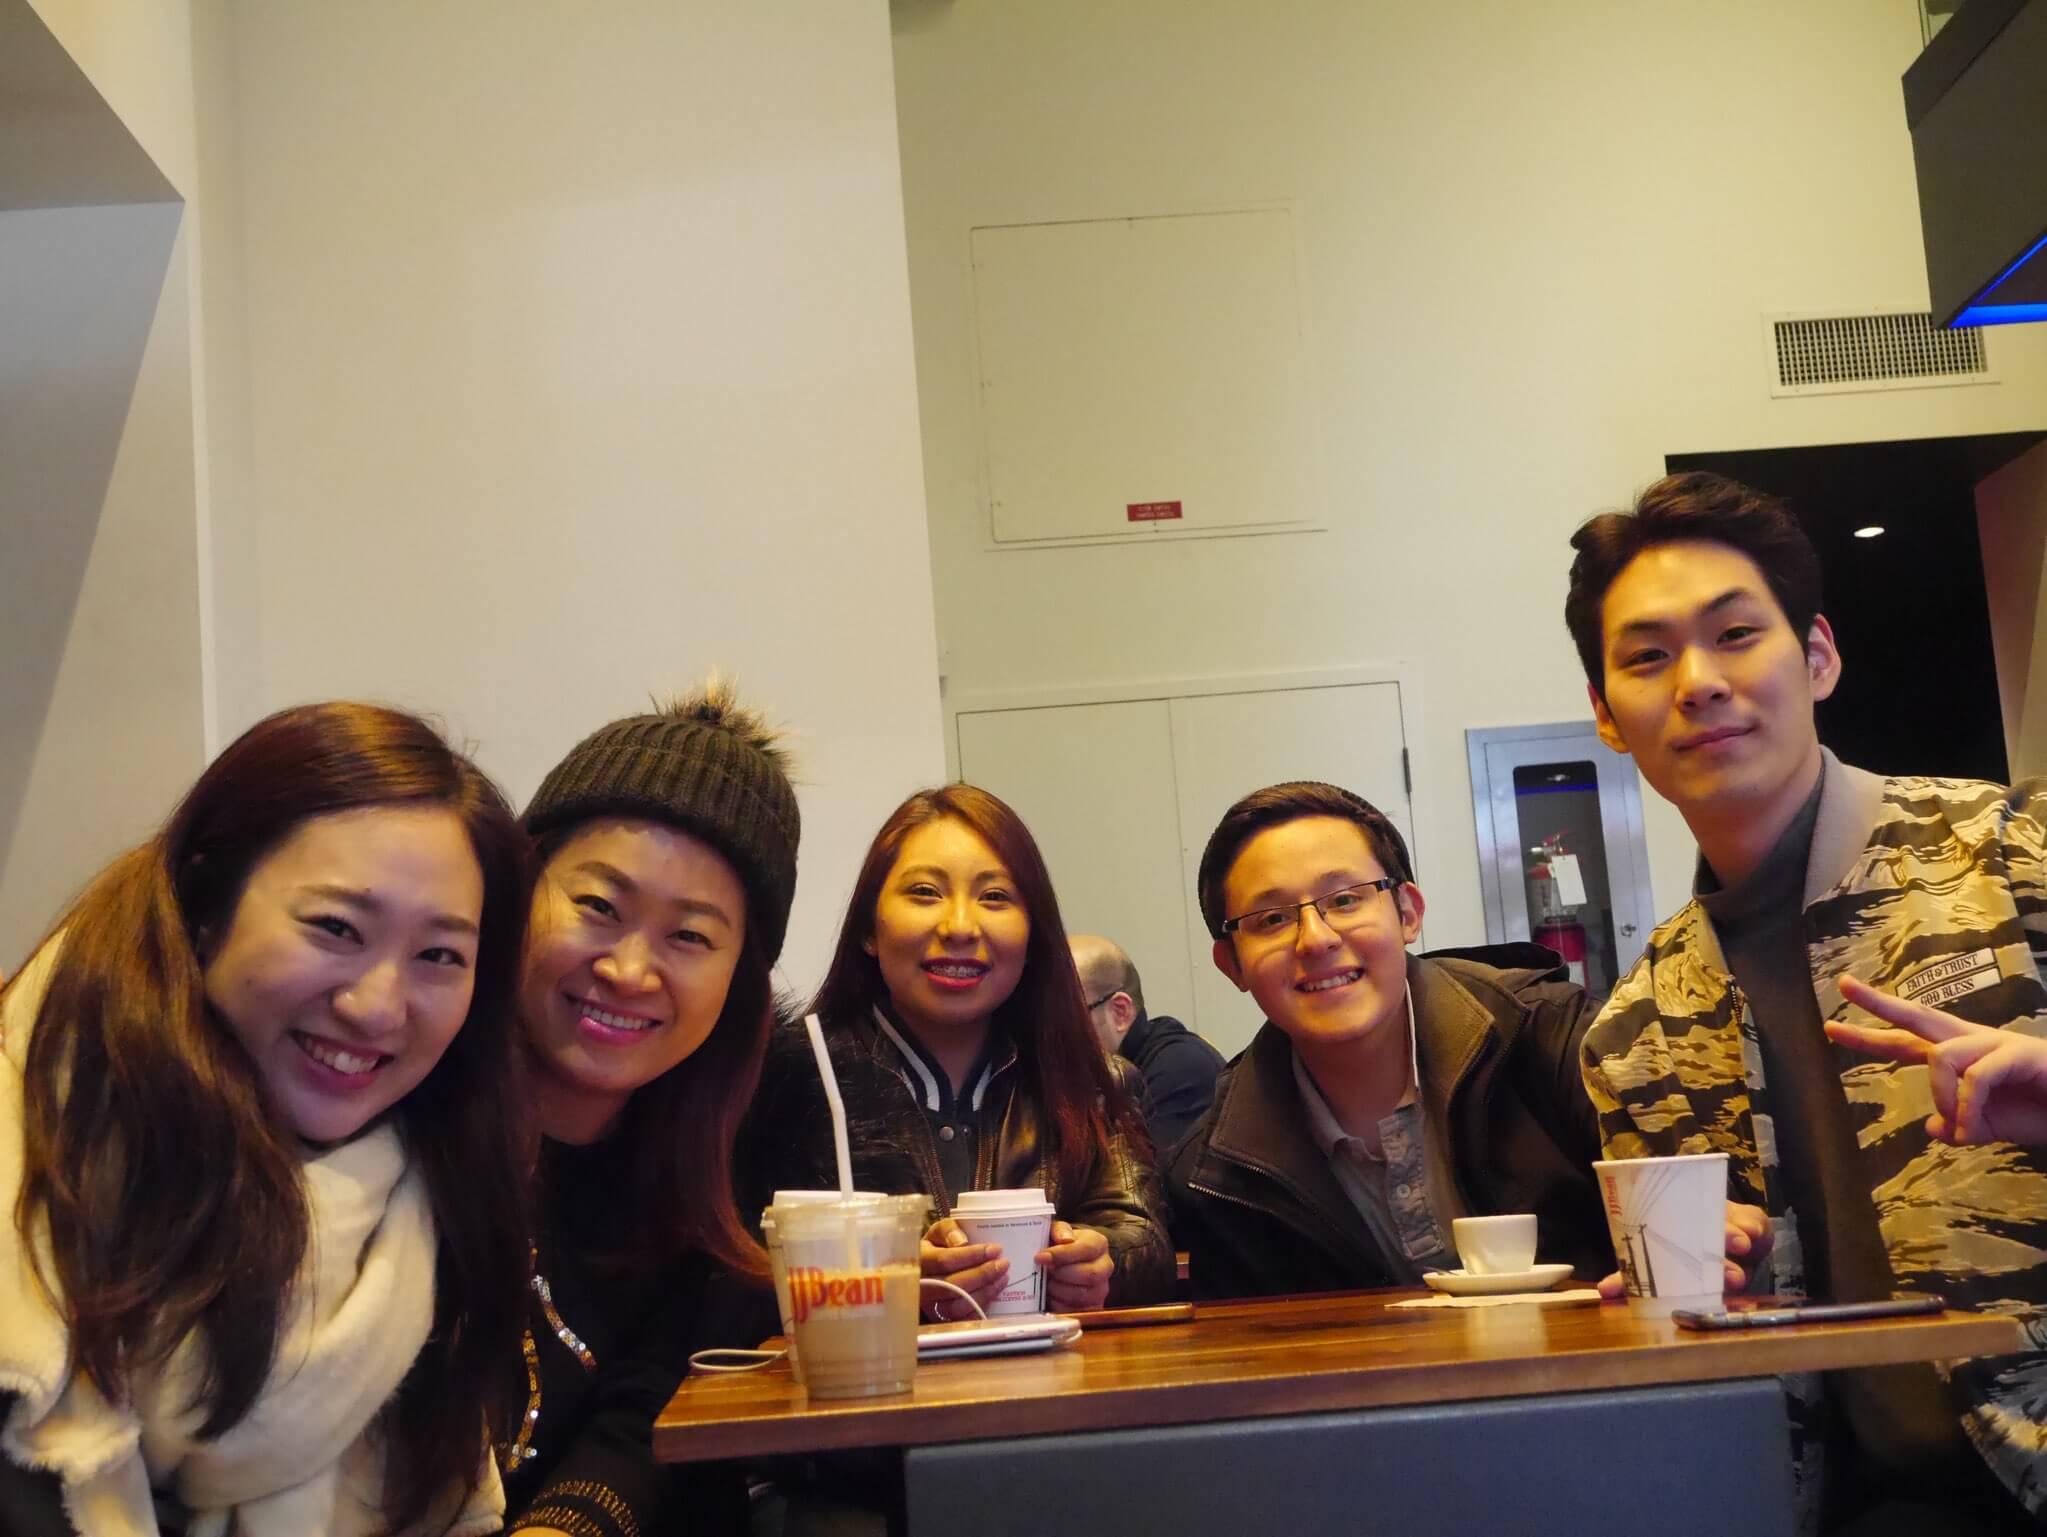 カナダ留学で友達もできました